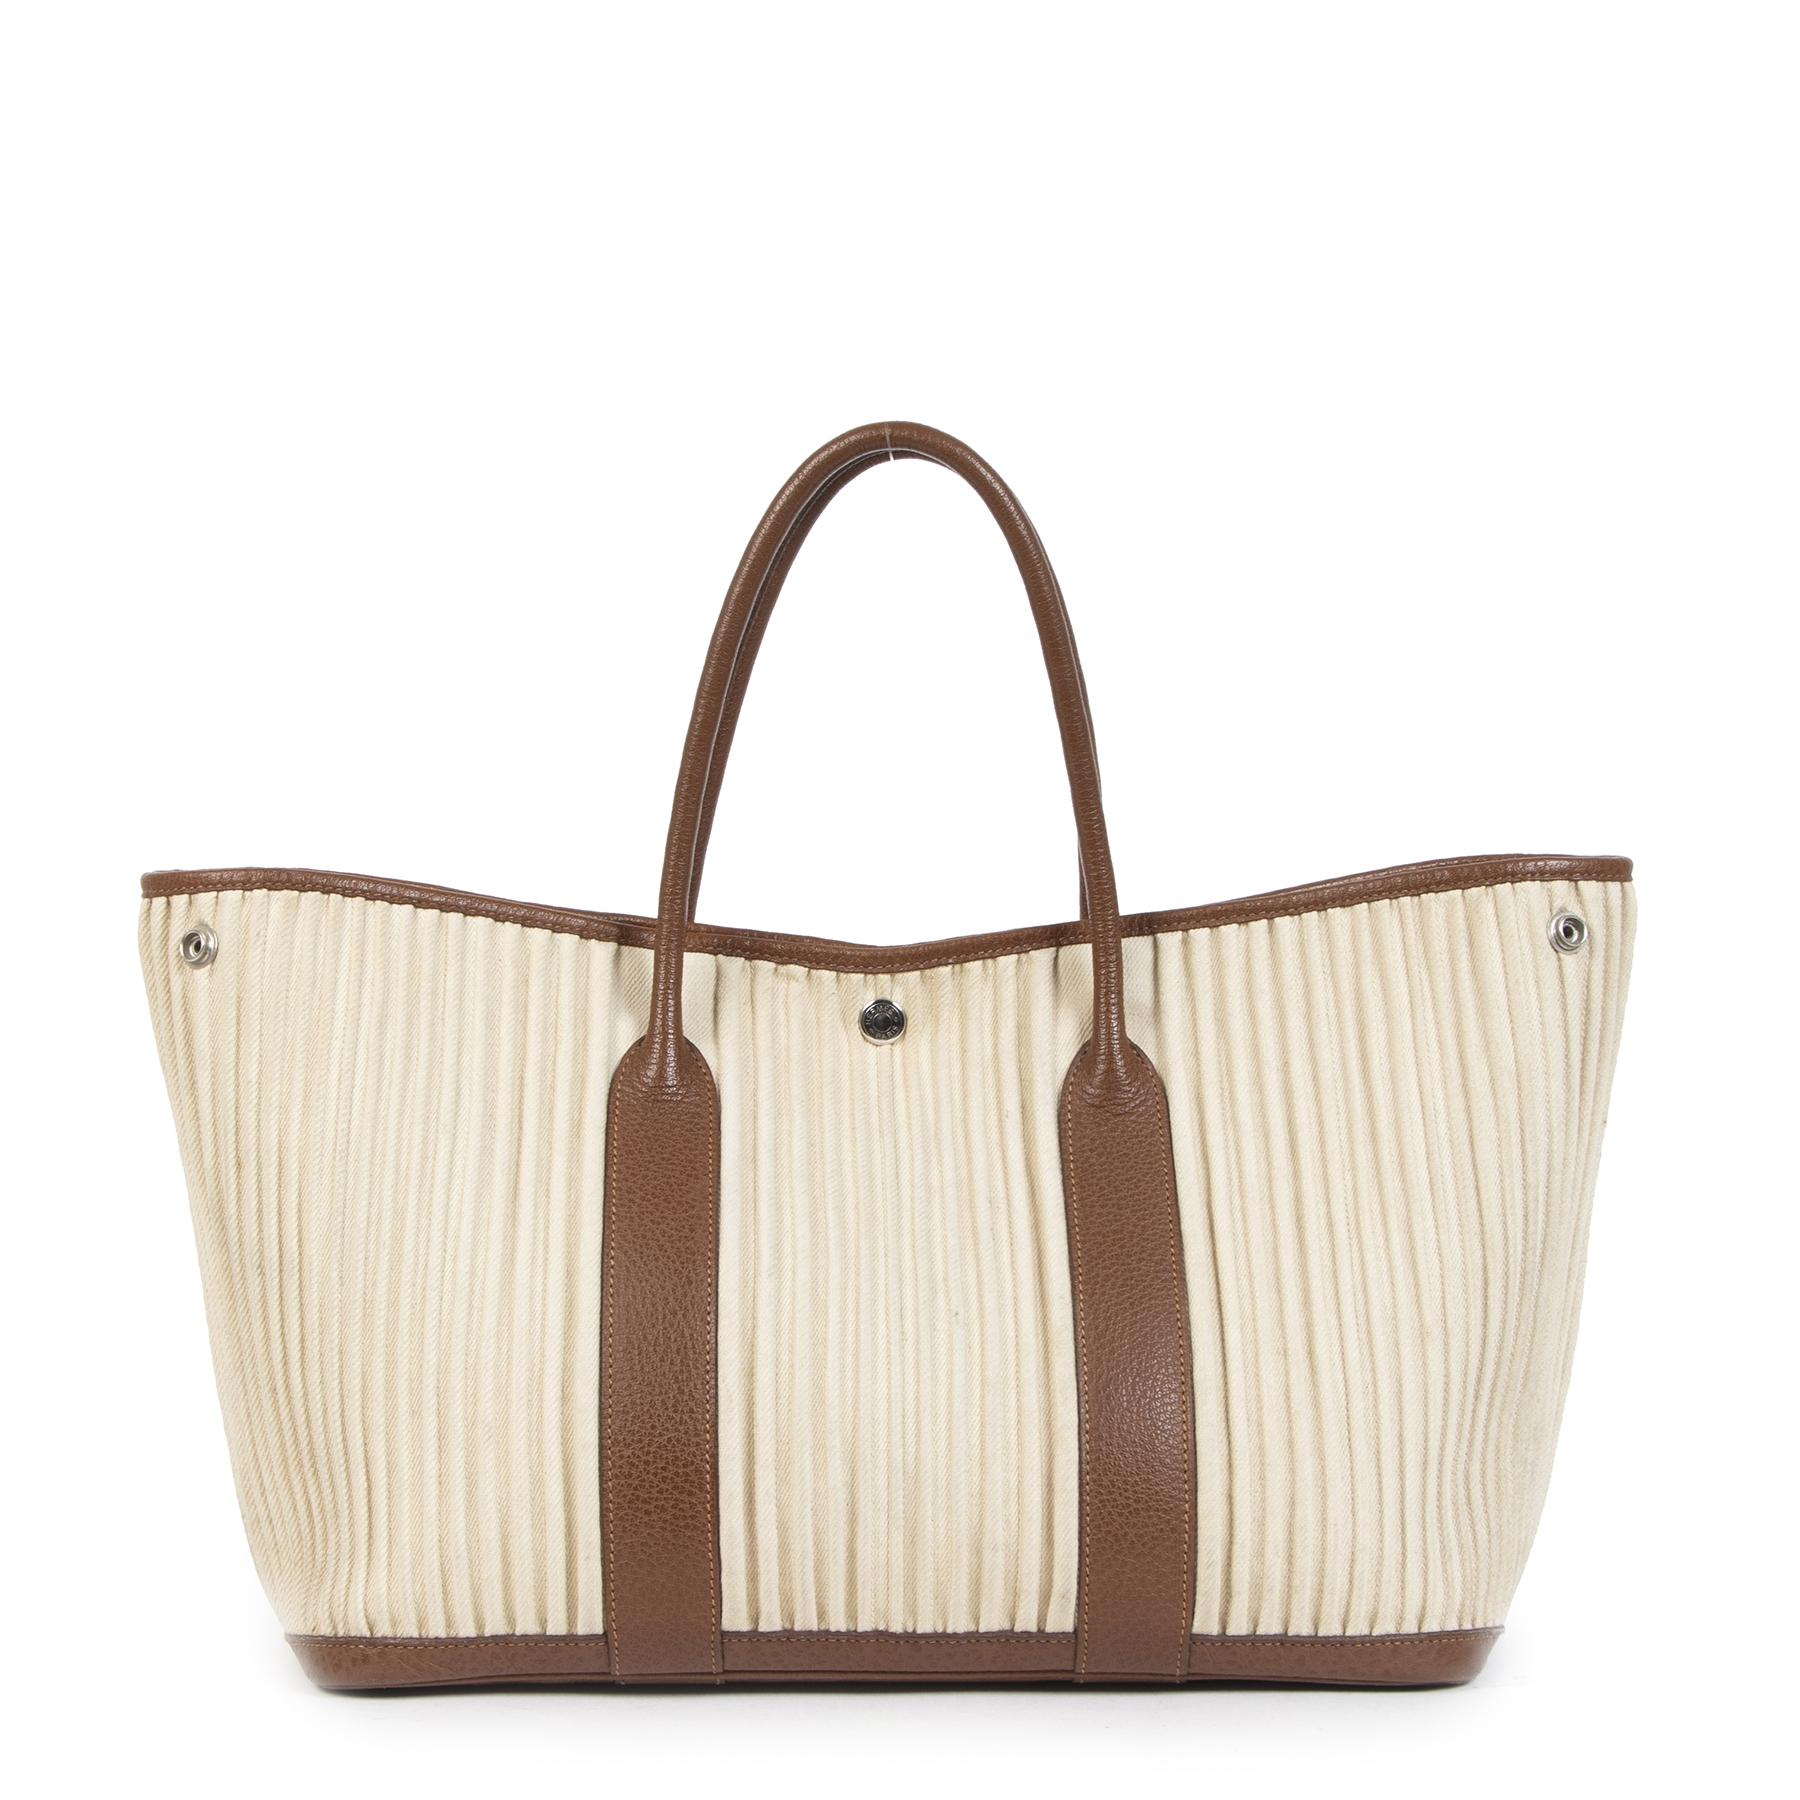 Authentieke Tweedehands Hermès Garden Party Denim Cannele Bag juiste prijs veilig online shoppen luxe merken webshop winkelen Antwerpen België mode fashion